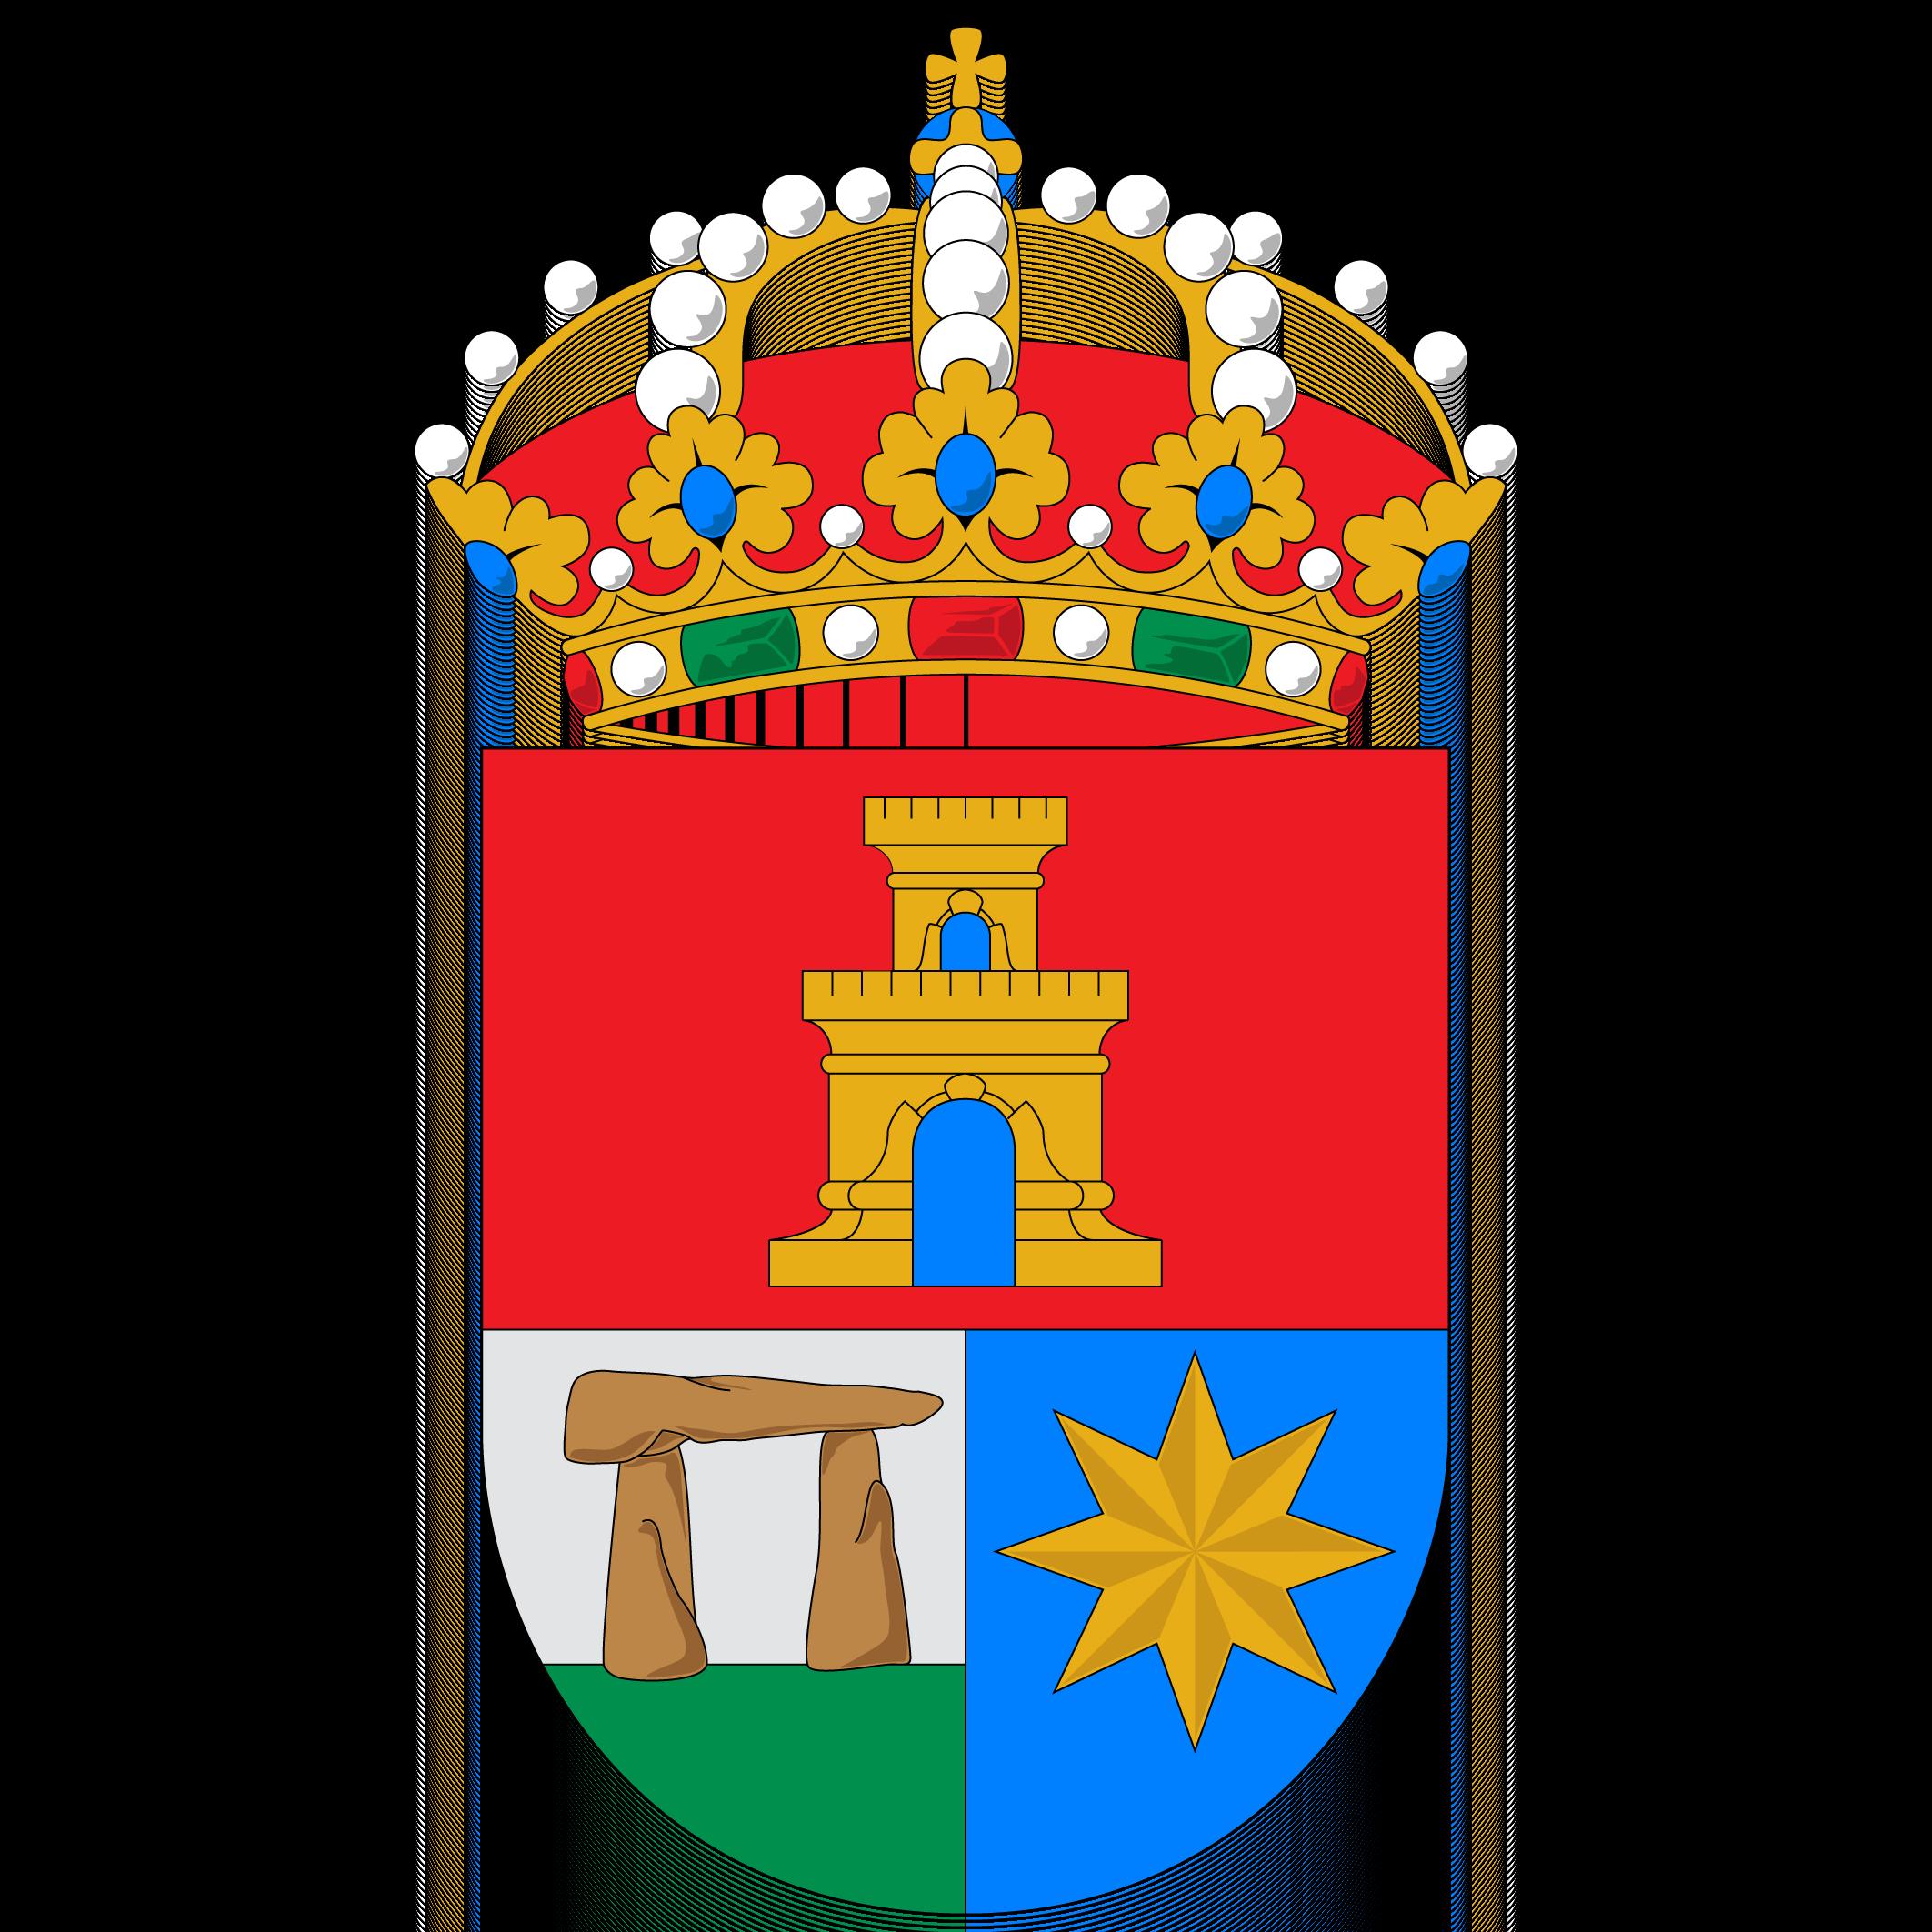 VALENCINA CELEBRA LA TRADICIONAL ROMERÍA DE TORRIJOS DEL 11 AL 15 DE OCTUBRE